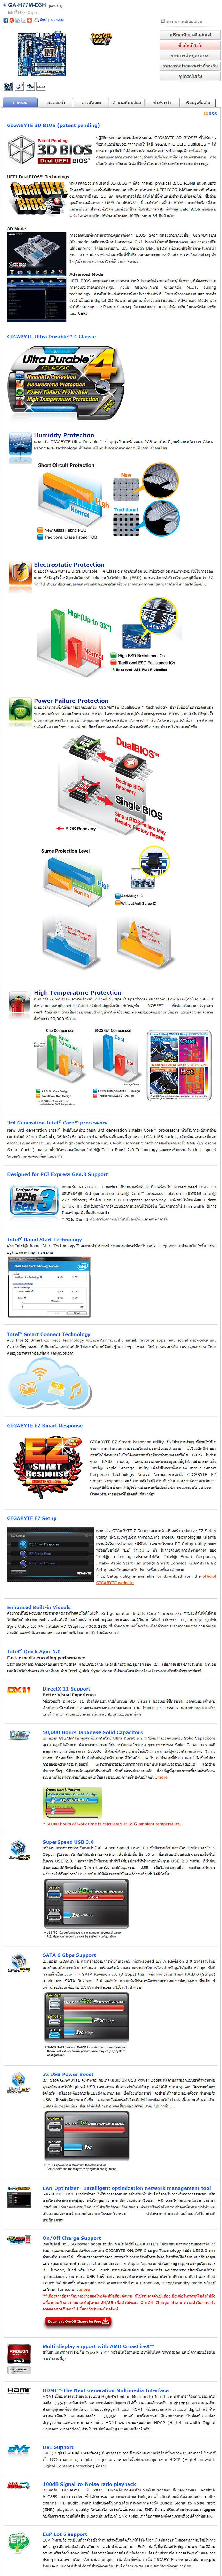 spec1 GIGABYTE H77M D3H Intel H77 Motherboard